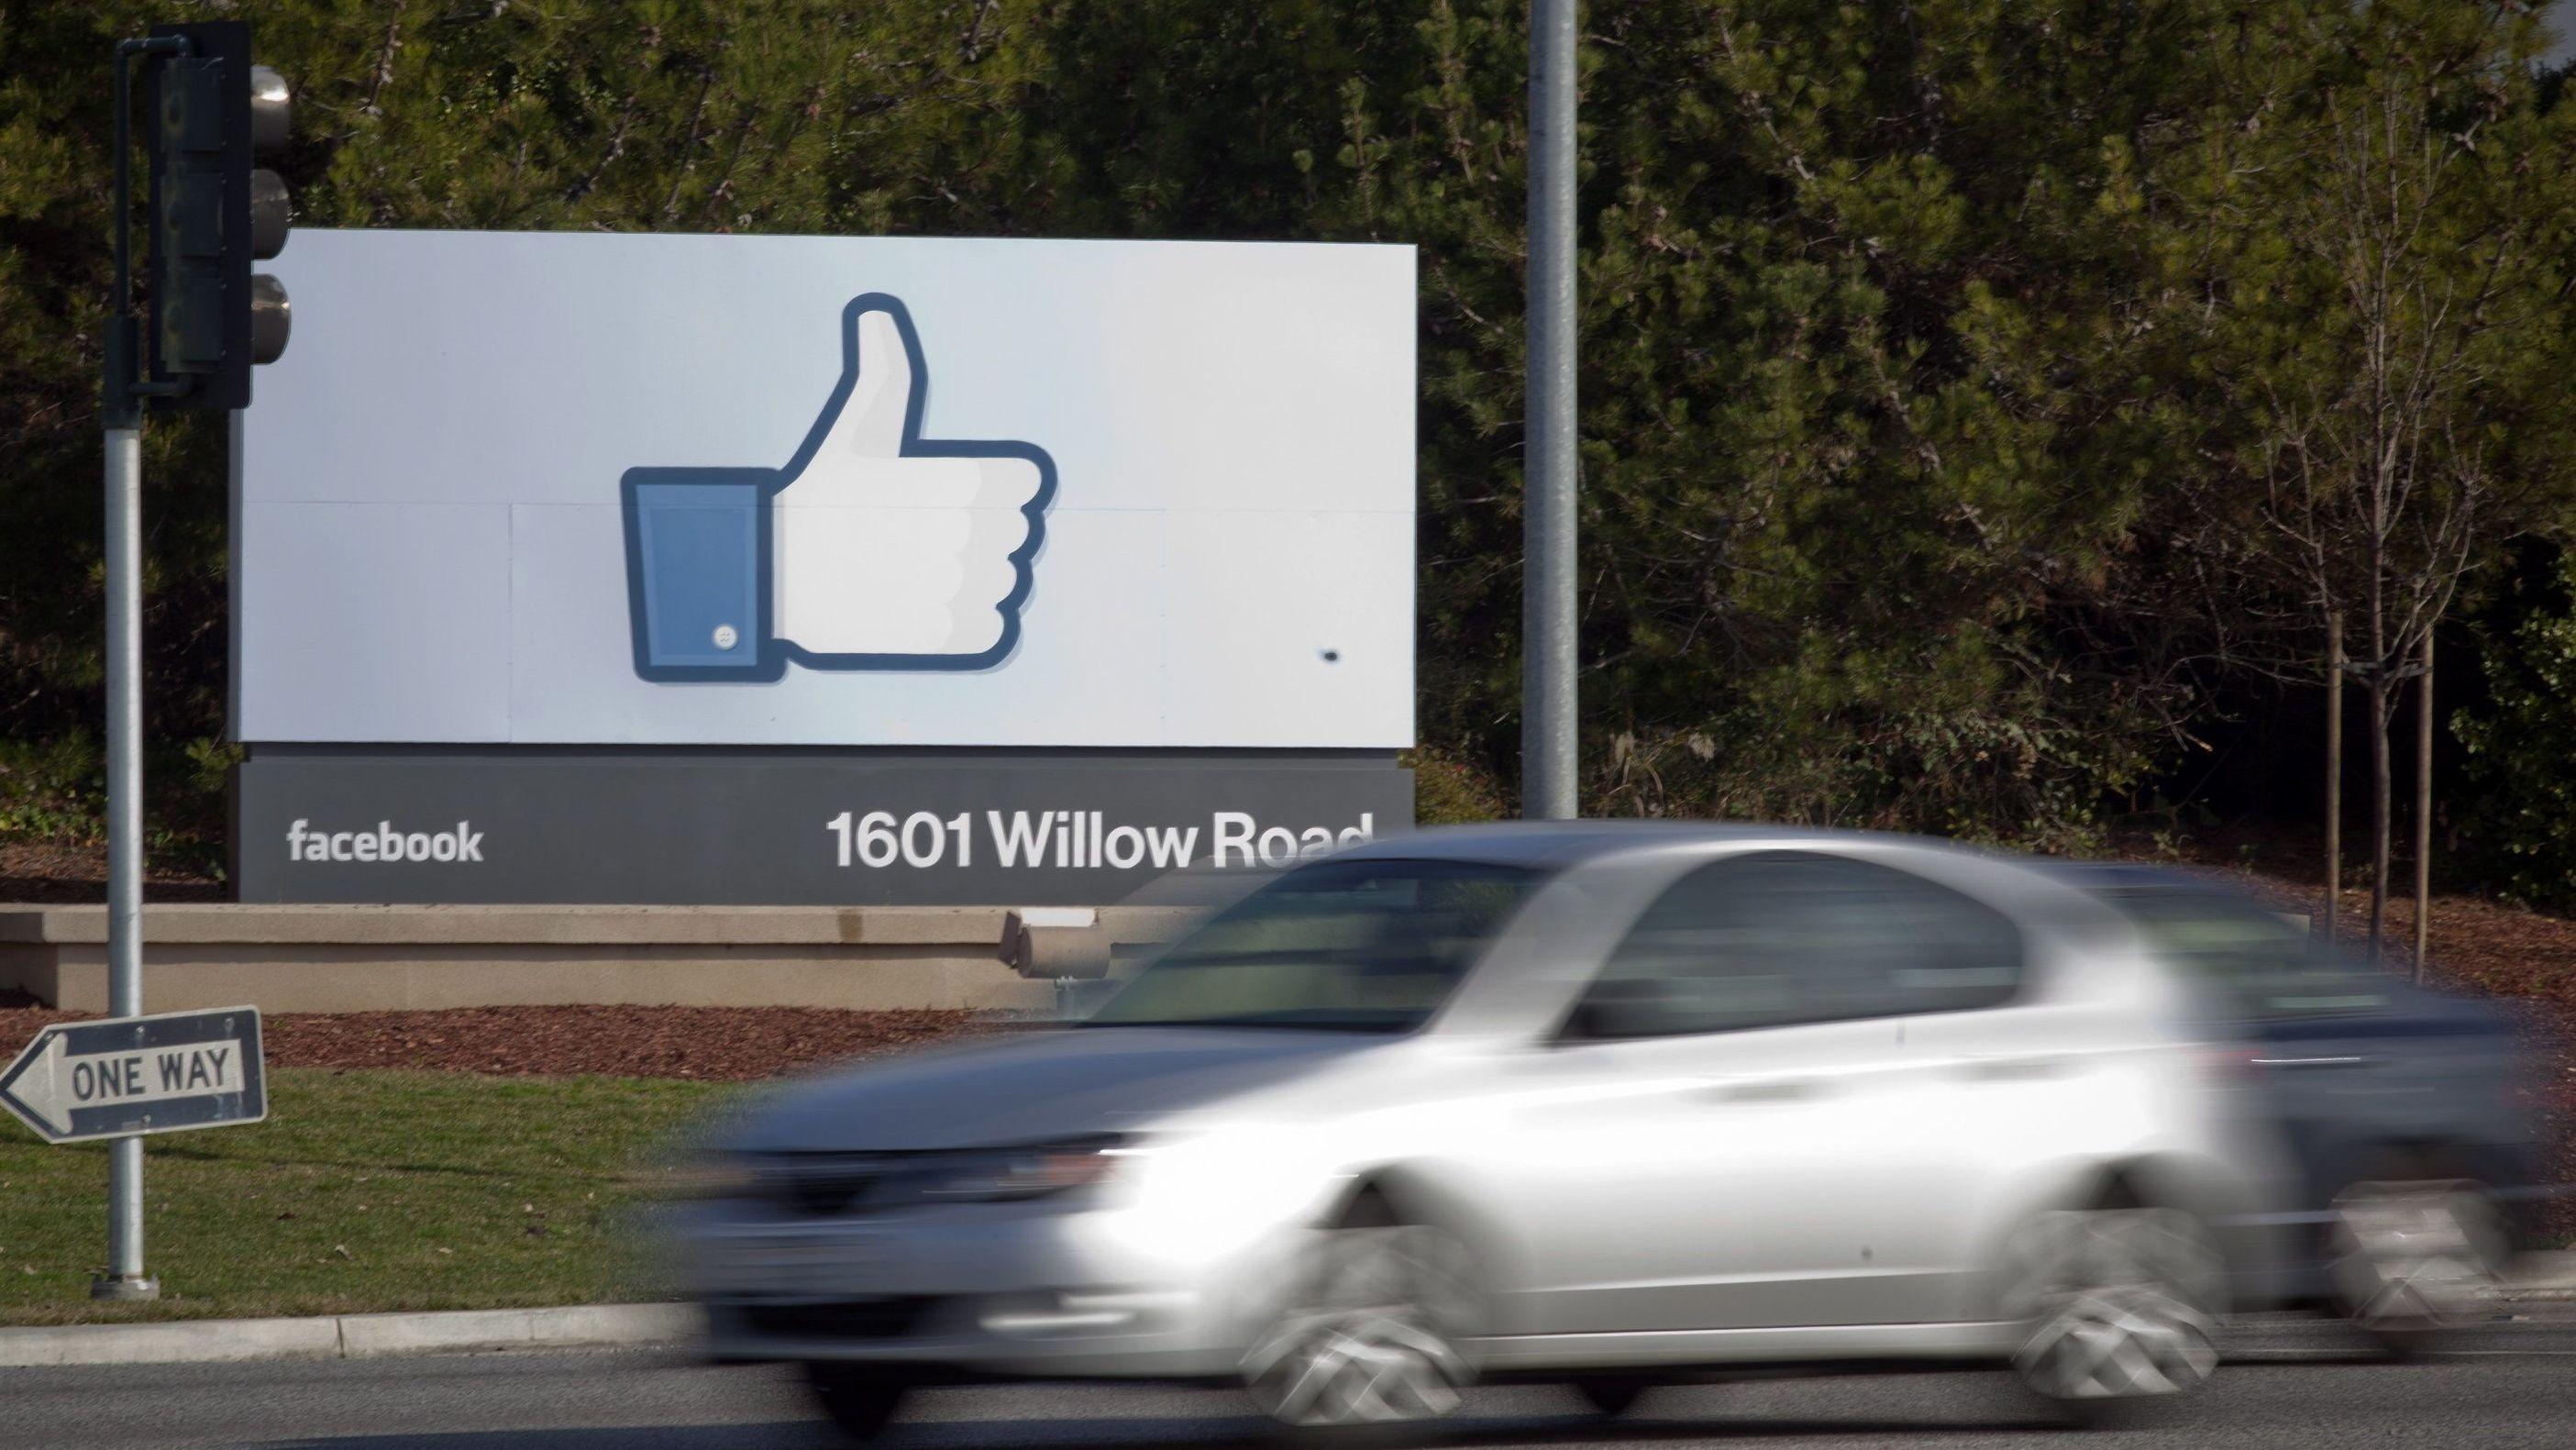 Seit Jahren wird Facebook vorgeworfen, die Verbreitung von Falschmeldungen und Propaganda aus dubiosen Quellen zu befeuern. Nun will das Netzwerk wieder einmal gegensteuern